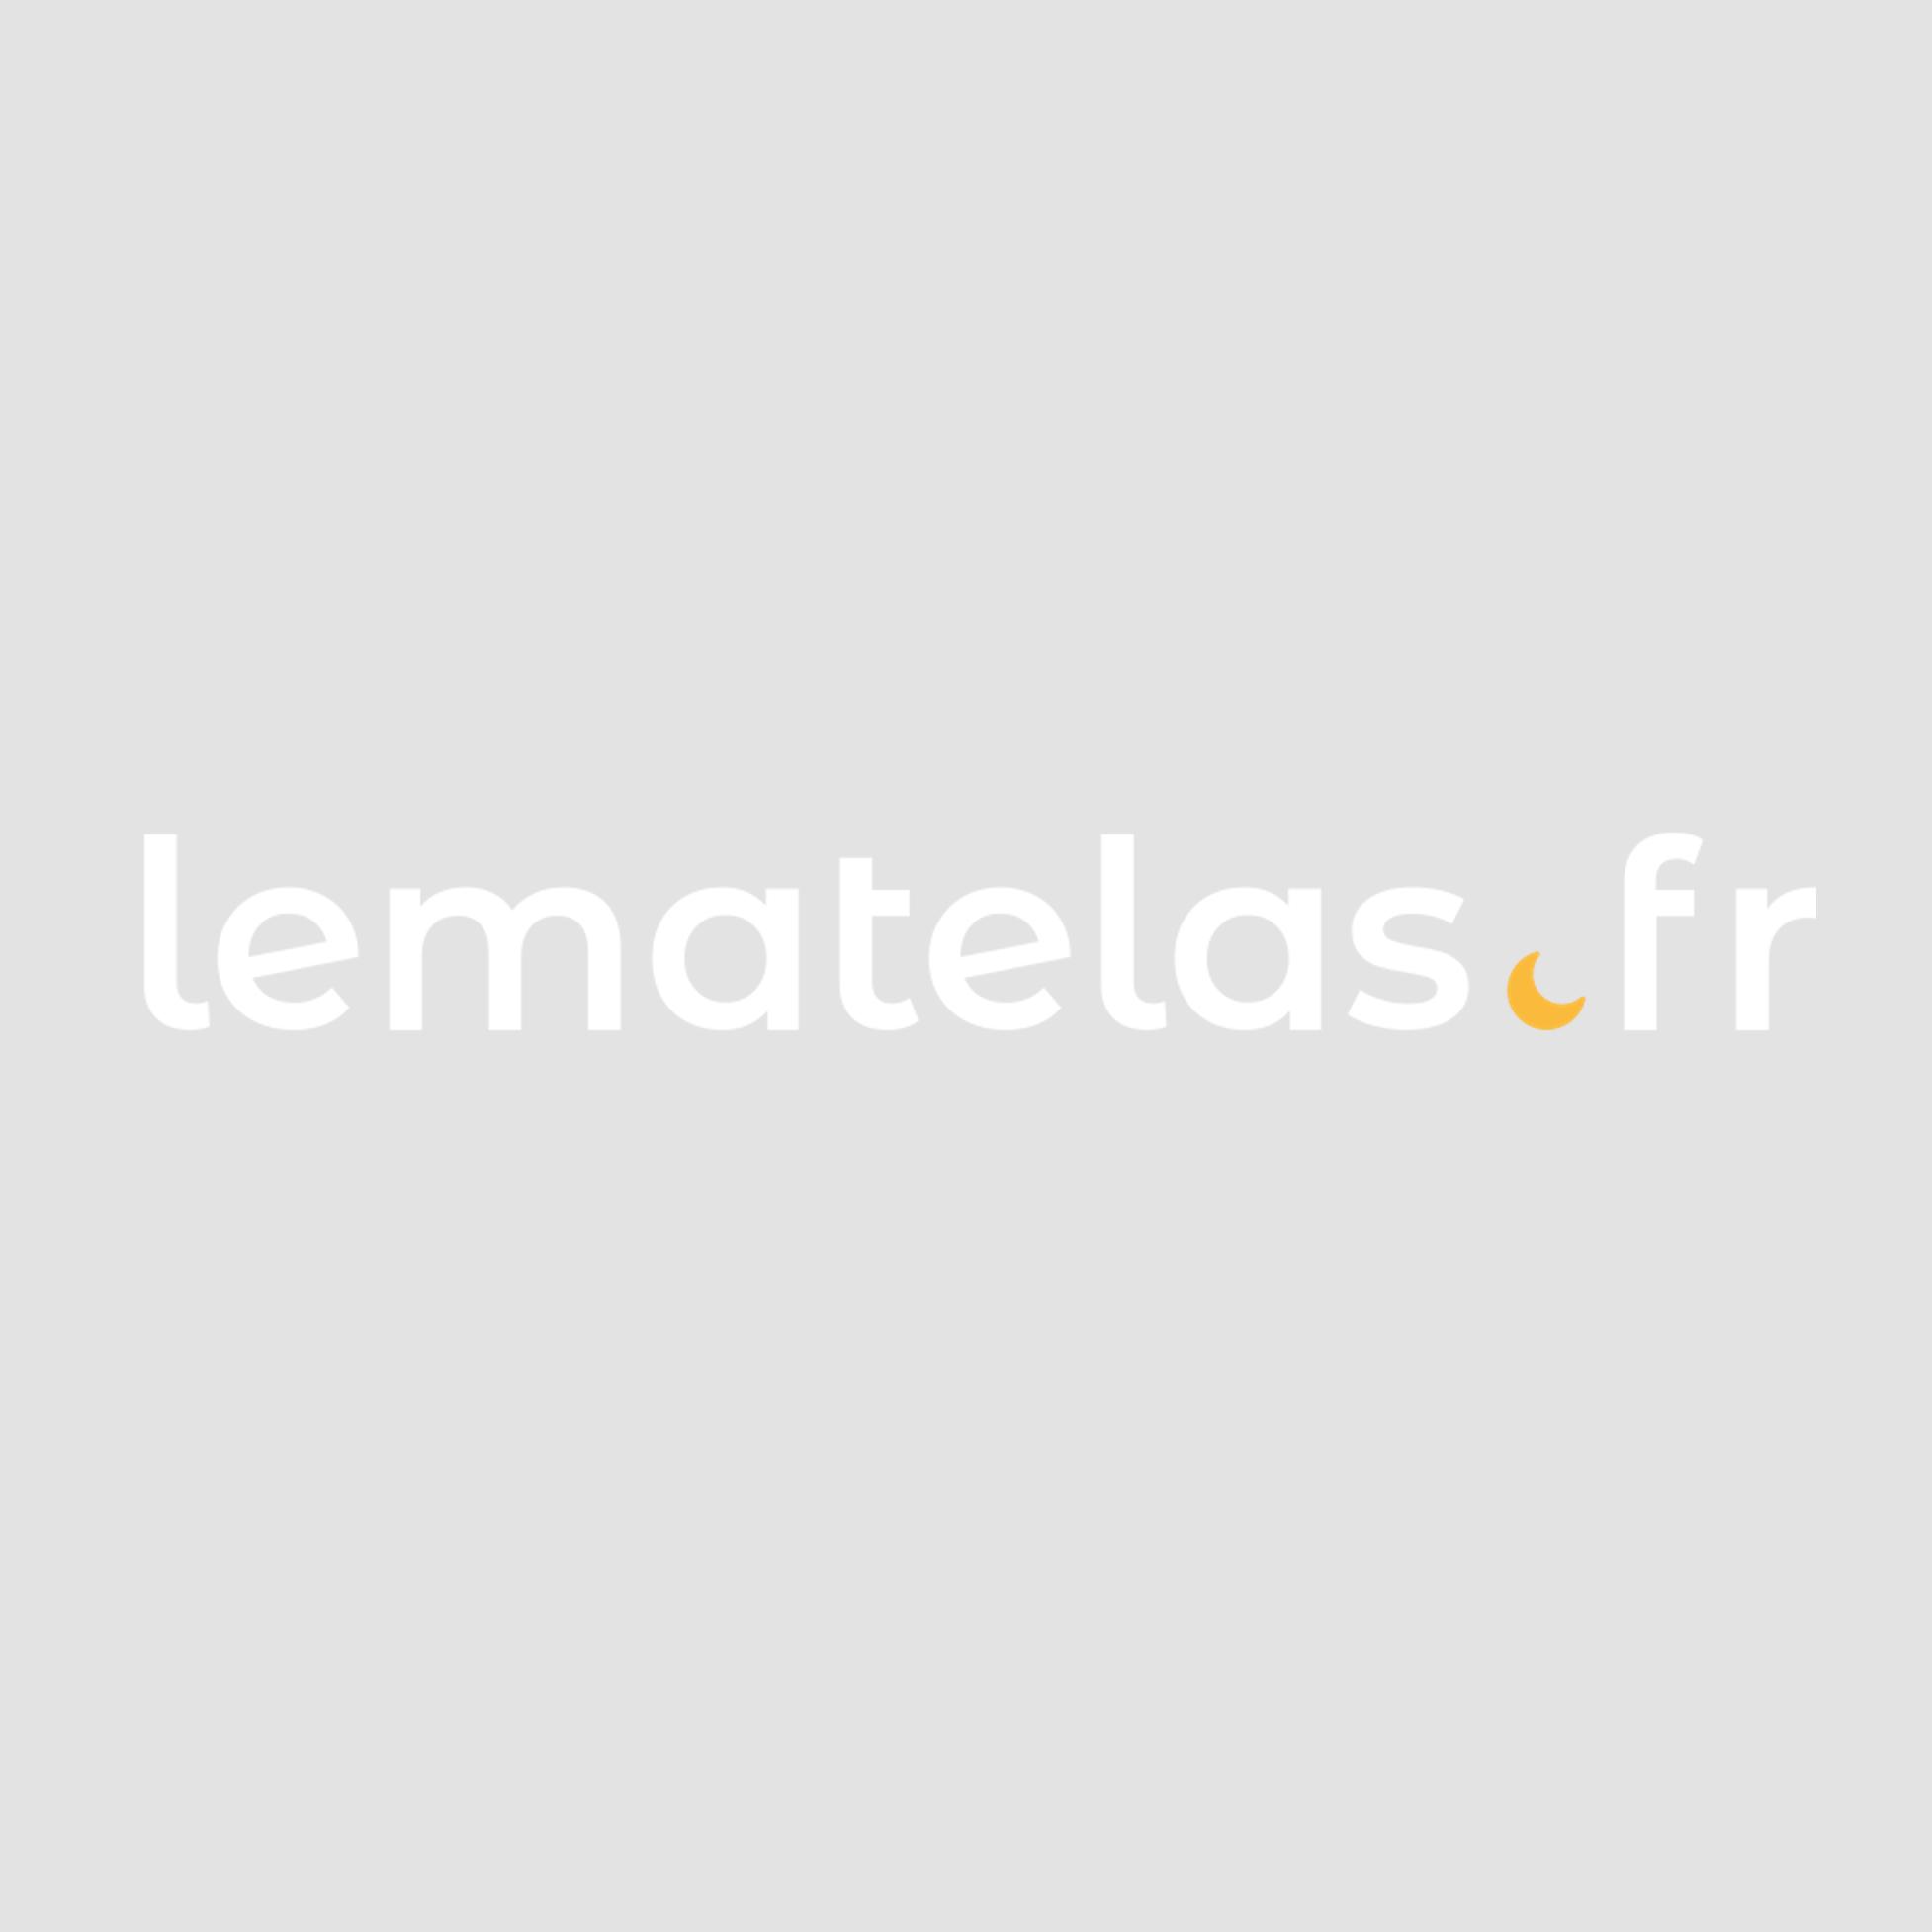 Lit tiroir en bois blanc et imitation chêne 160x200 - LT5015-T